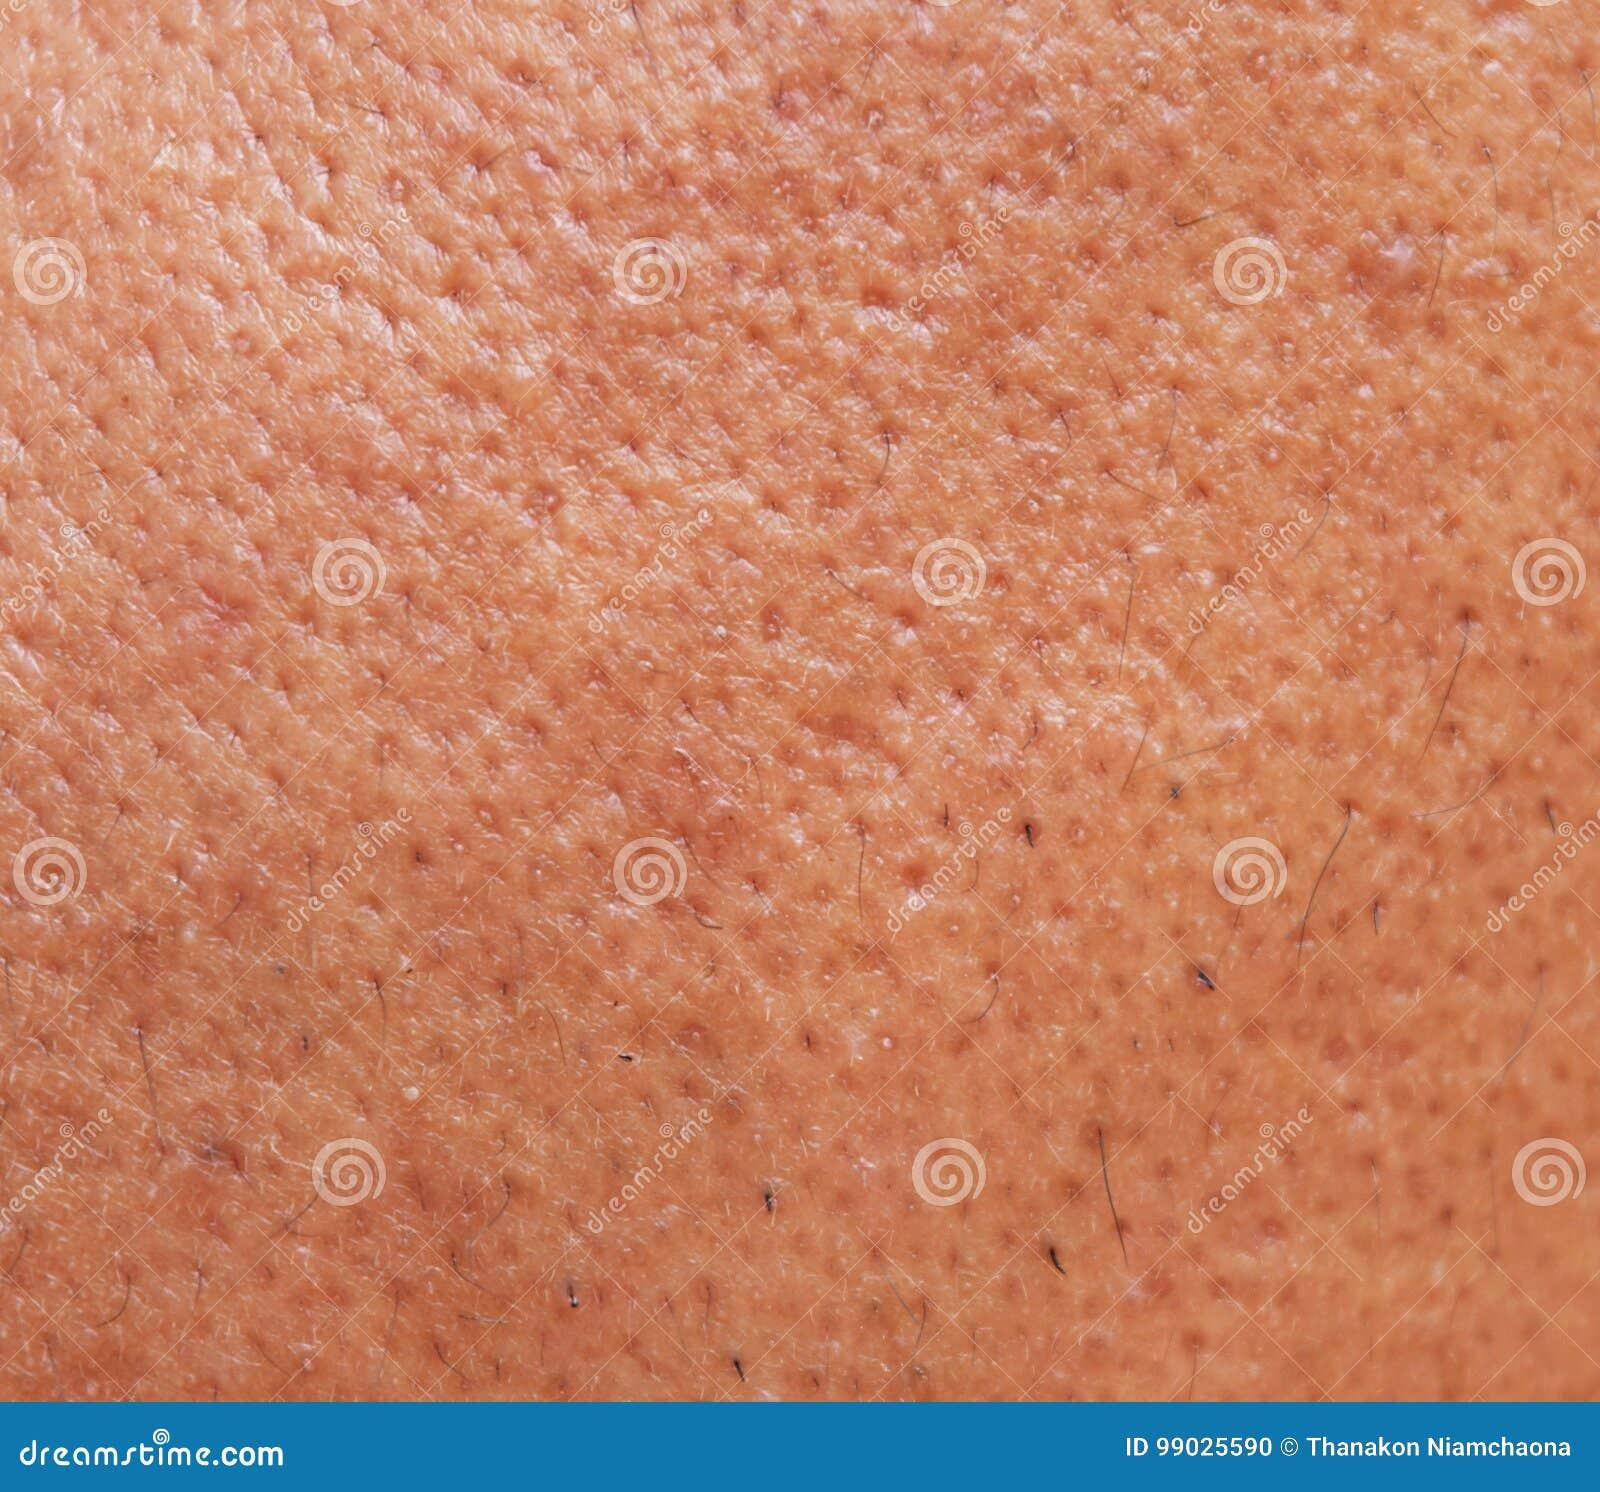 De poriën en olieachtig op het gezichtshuid van de oppervlakte jonge Aziatische mens nemen lange tijd geen zorg